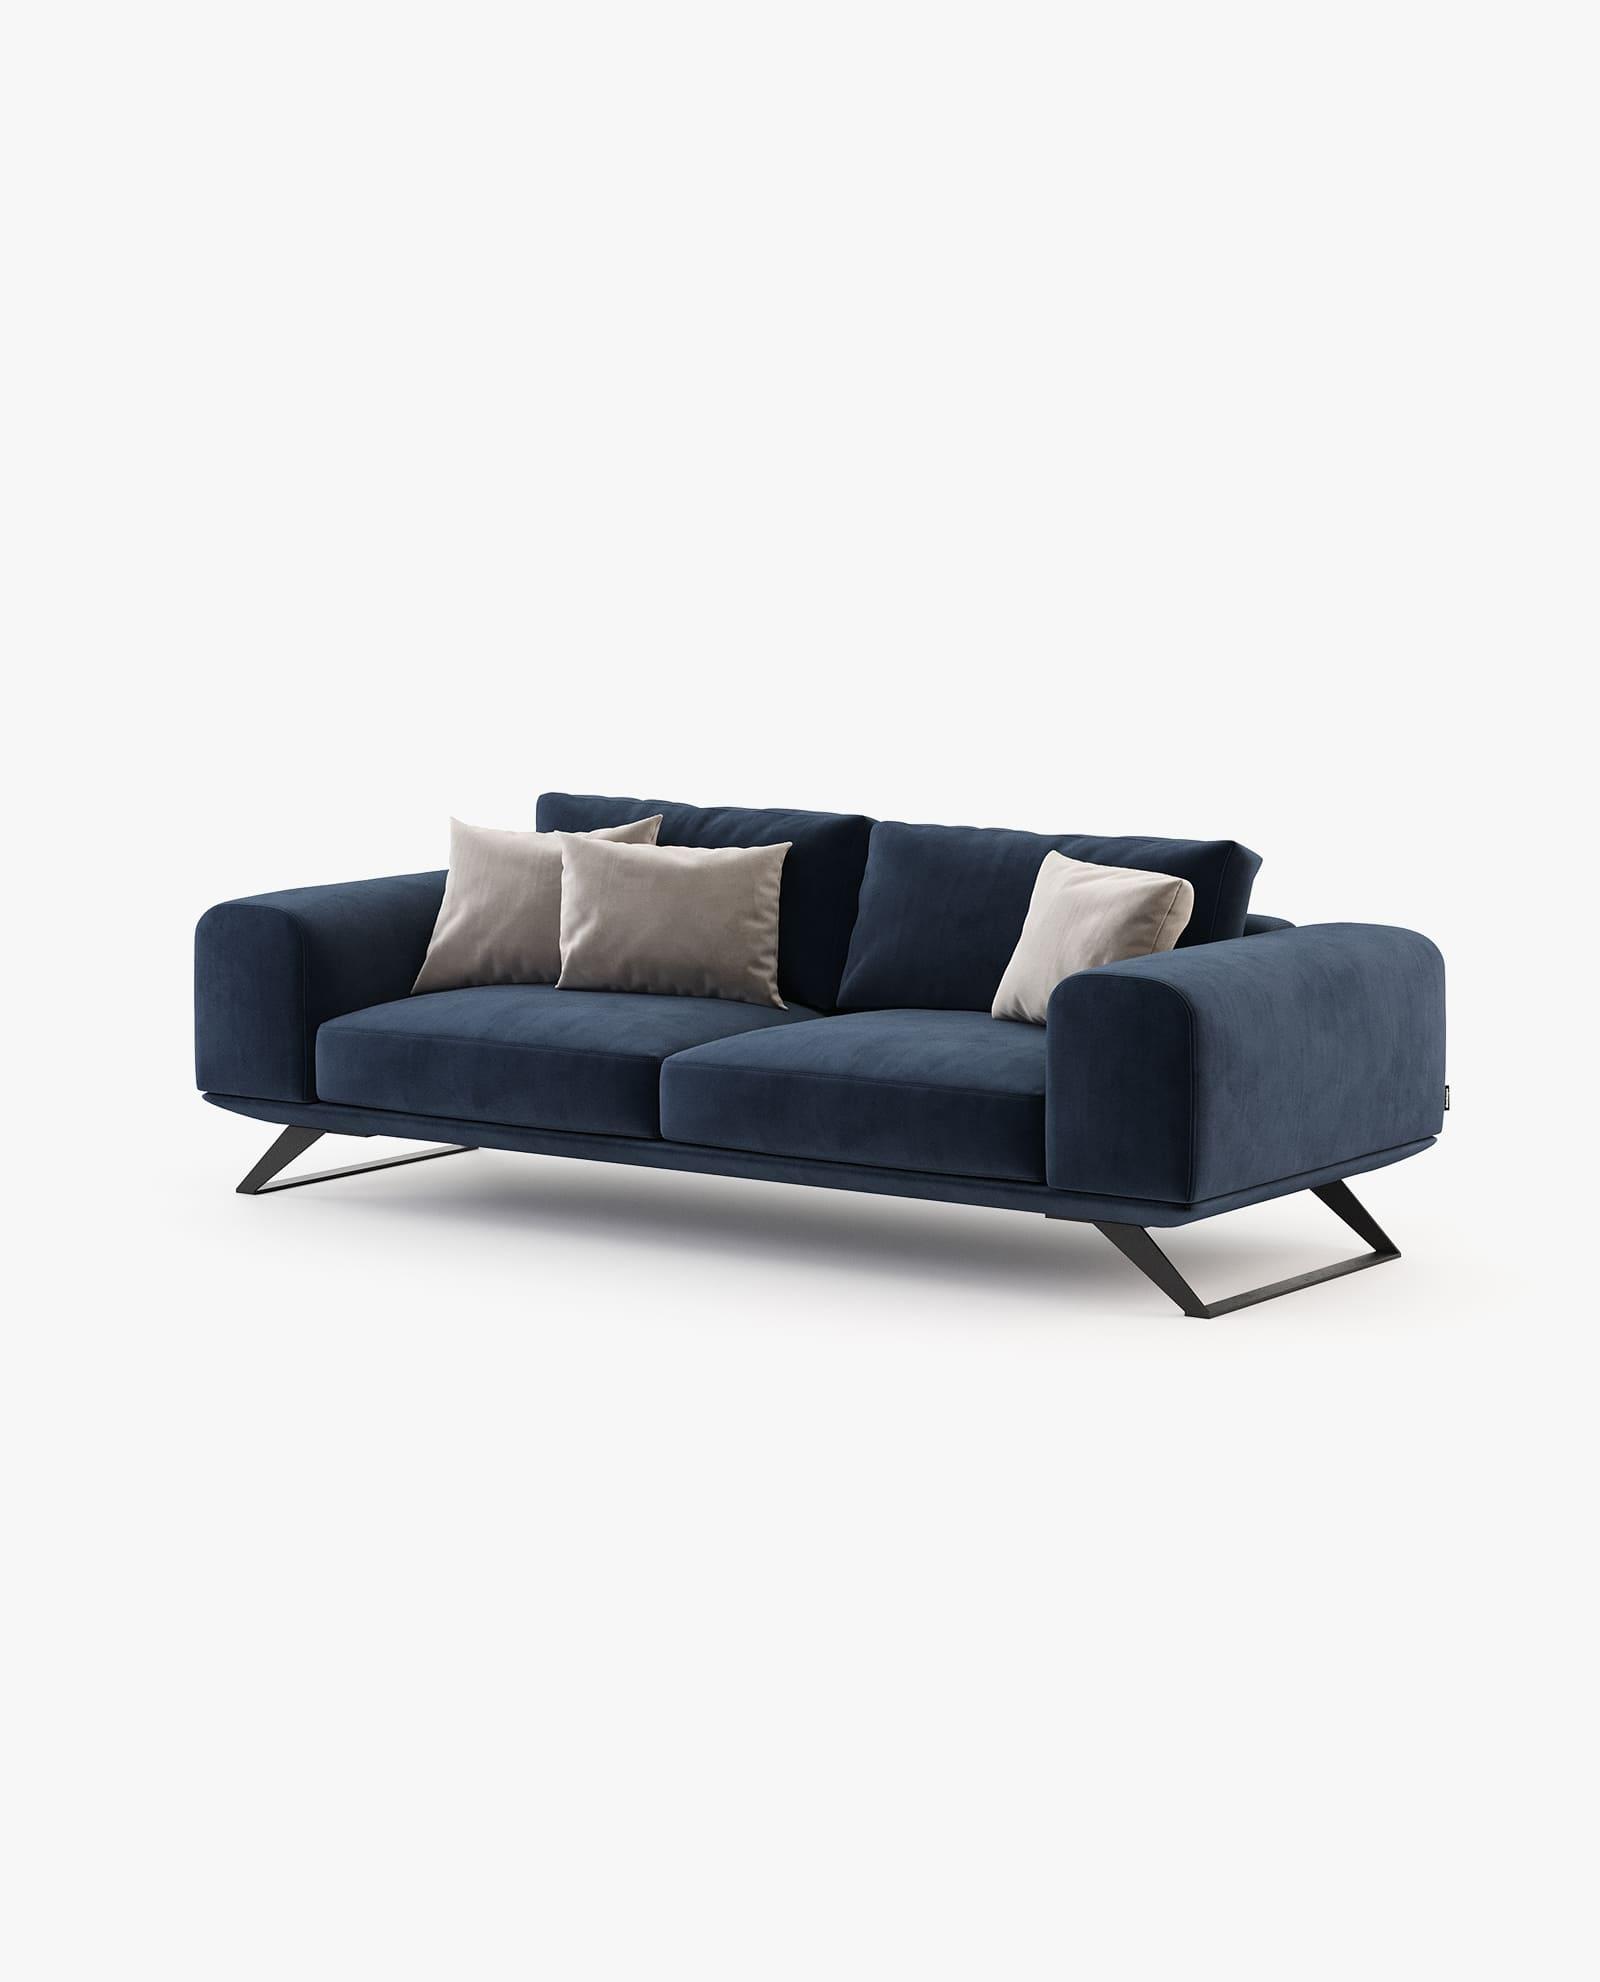 sofá 3 lugares em veludo azul marinho